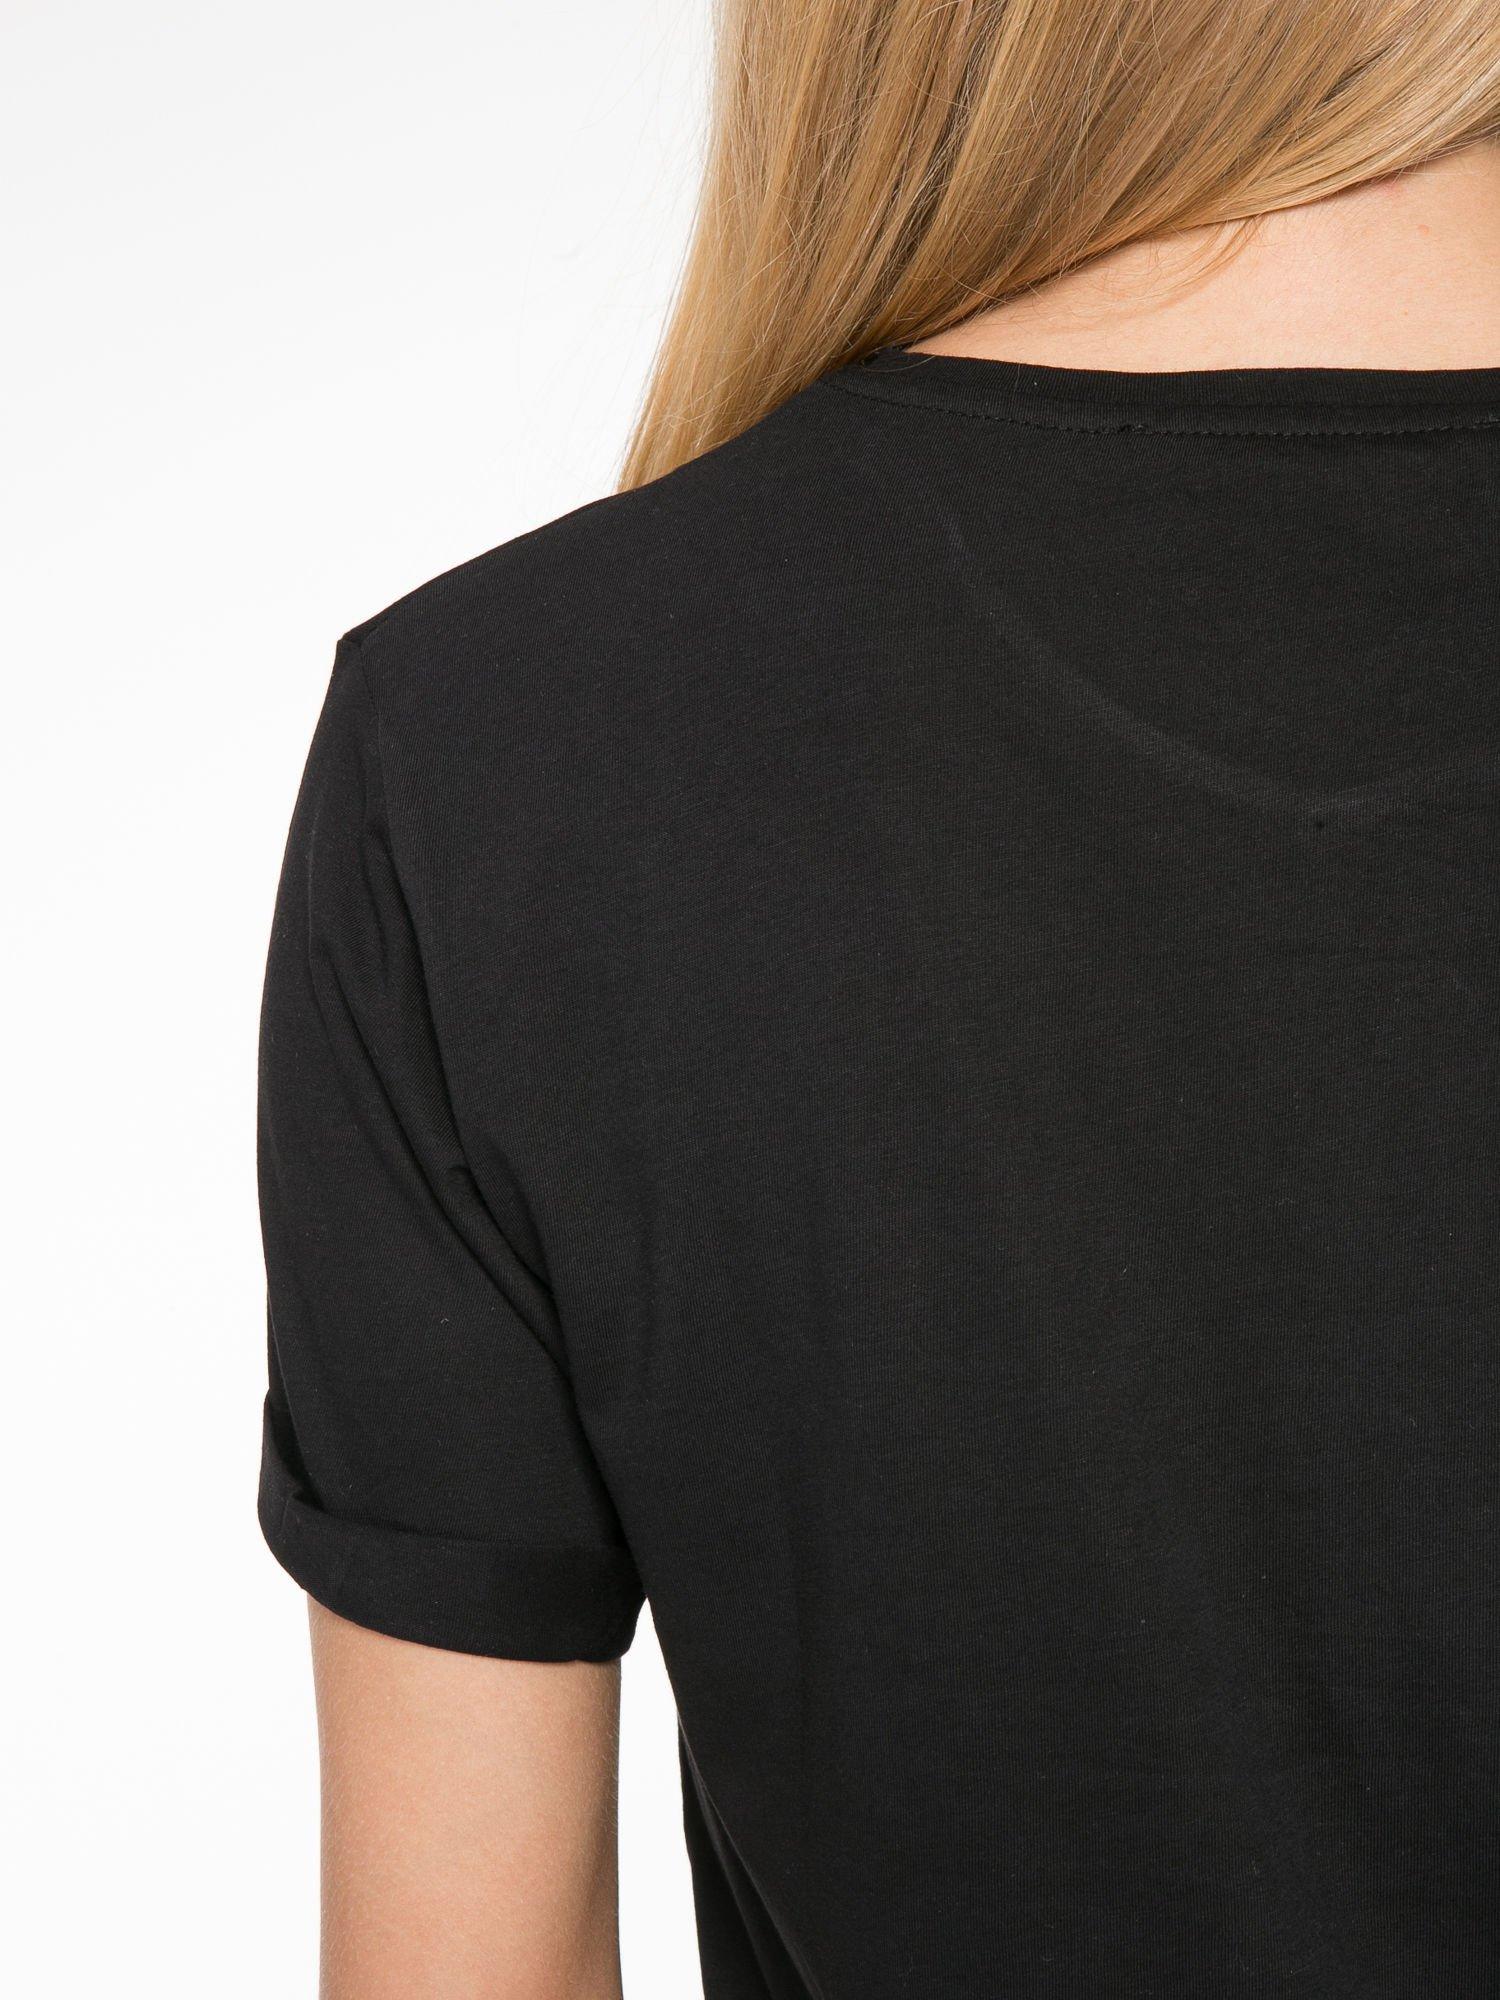 Czarny t-shirt ze złotym napisem SWEAR ON CHANEL                                  zdj.                                  6